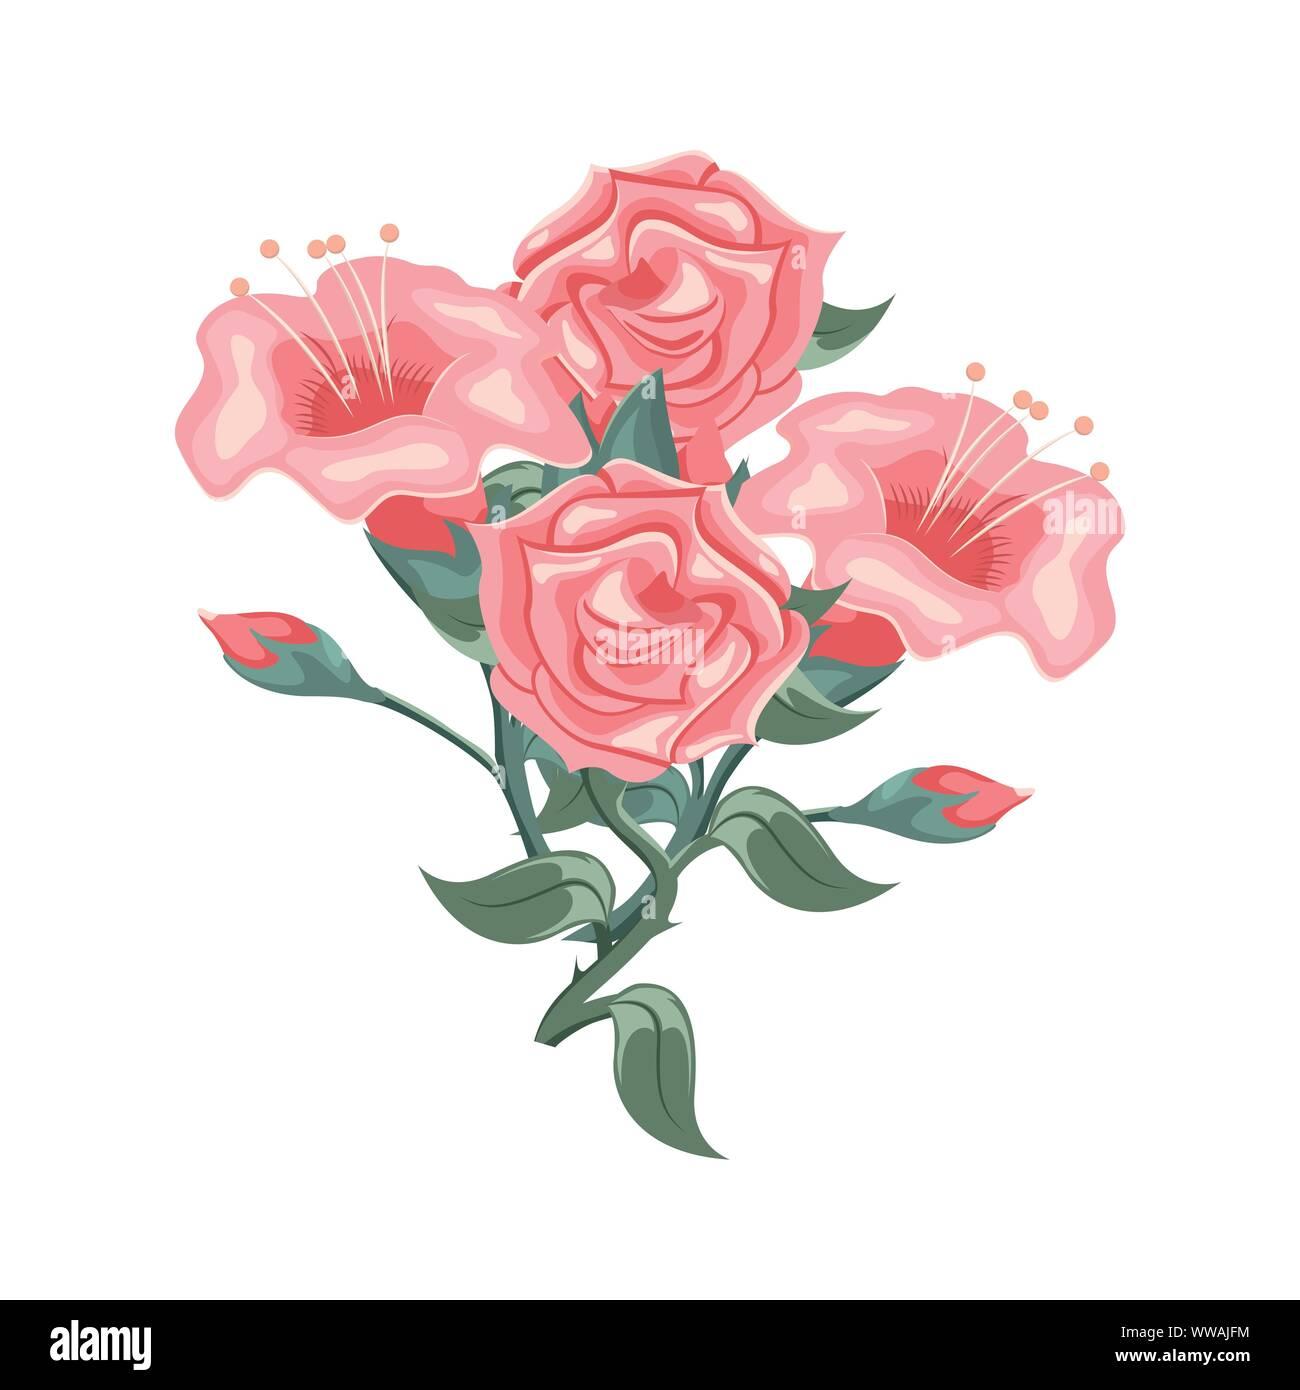 Conjunto De Hermosas Rosas Rosas Y Tulipanes Arreglos